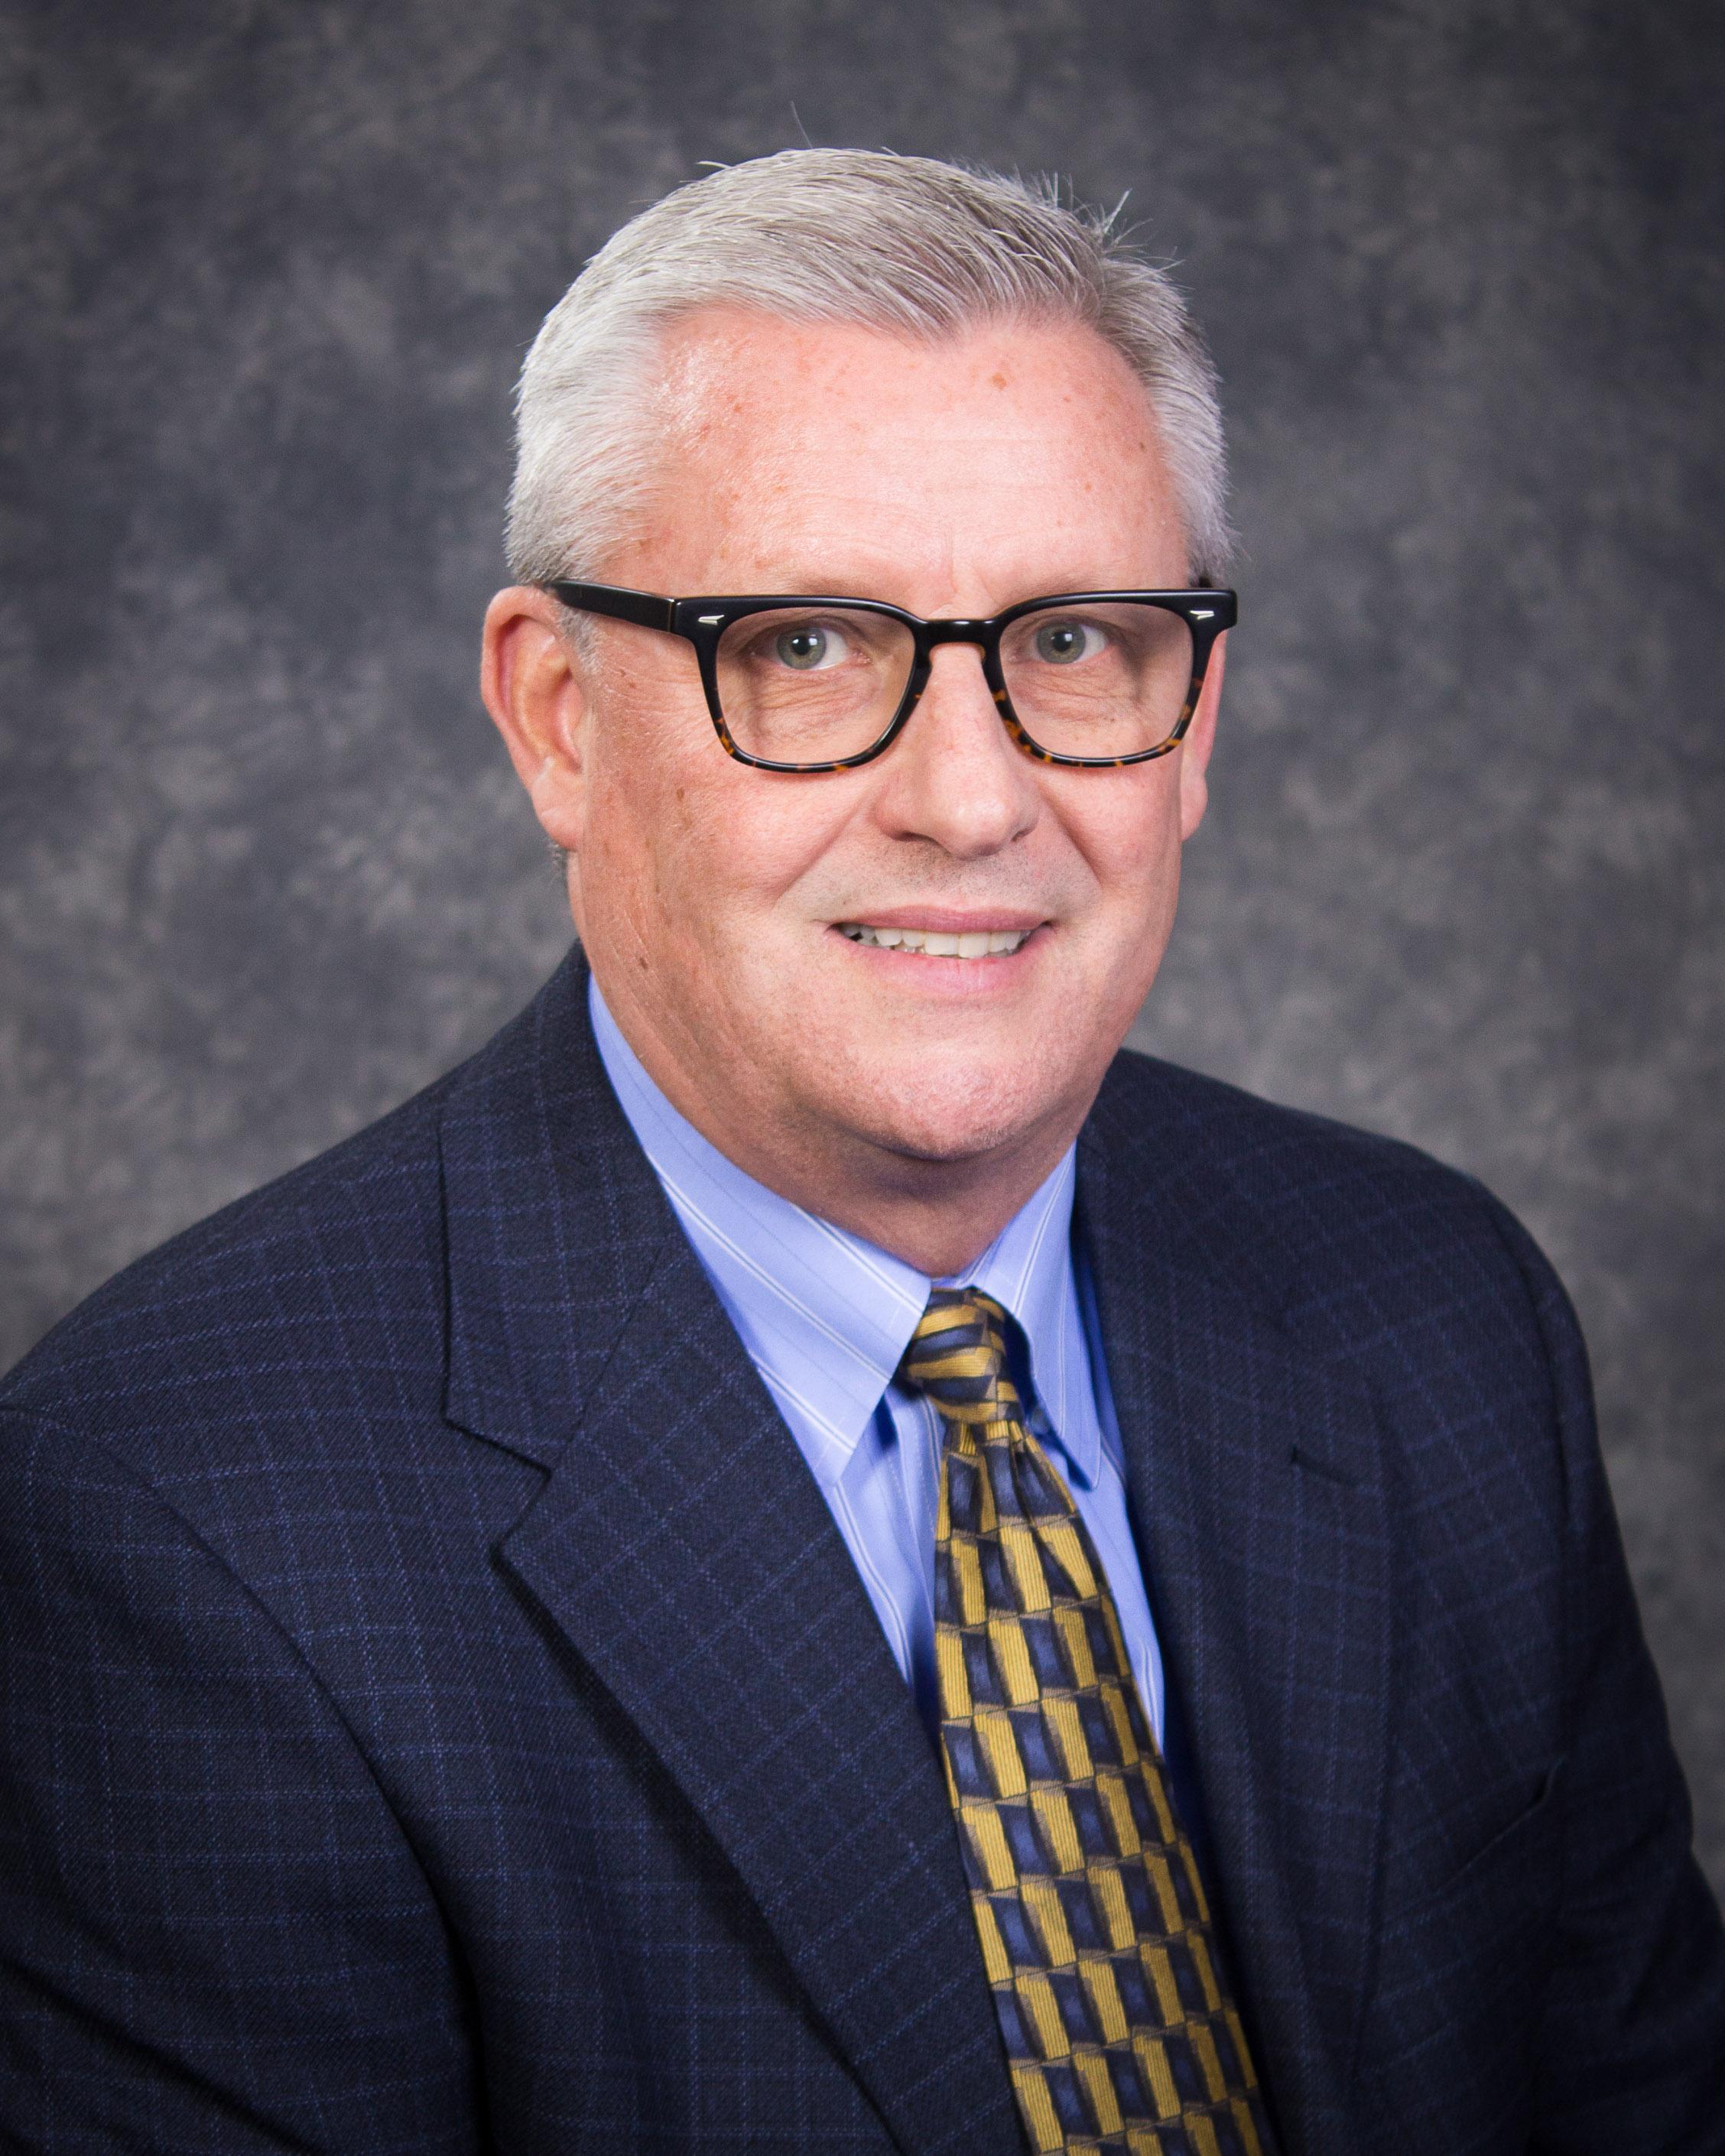 Tim Hobbs